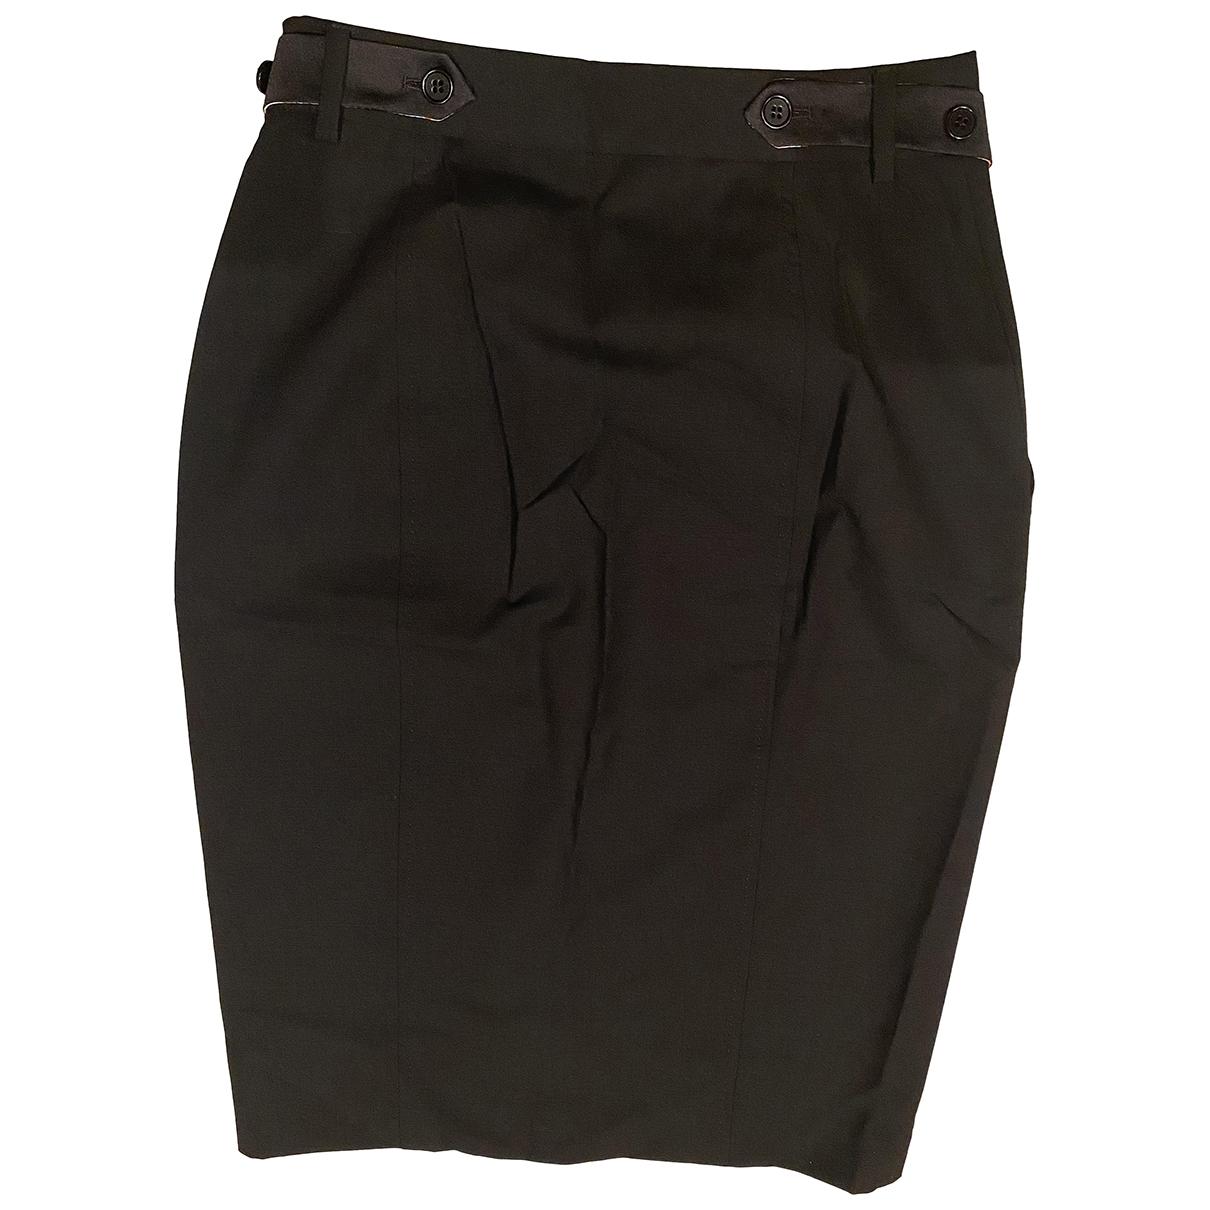 Paul Smith \N Black Wool skirt for Women 36 FR